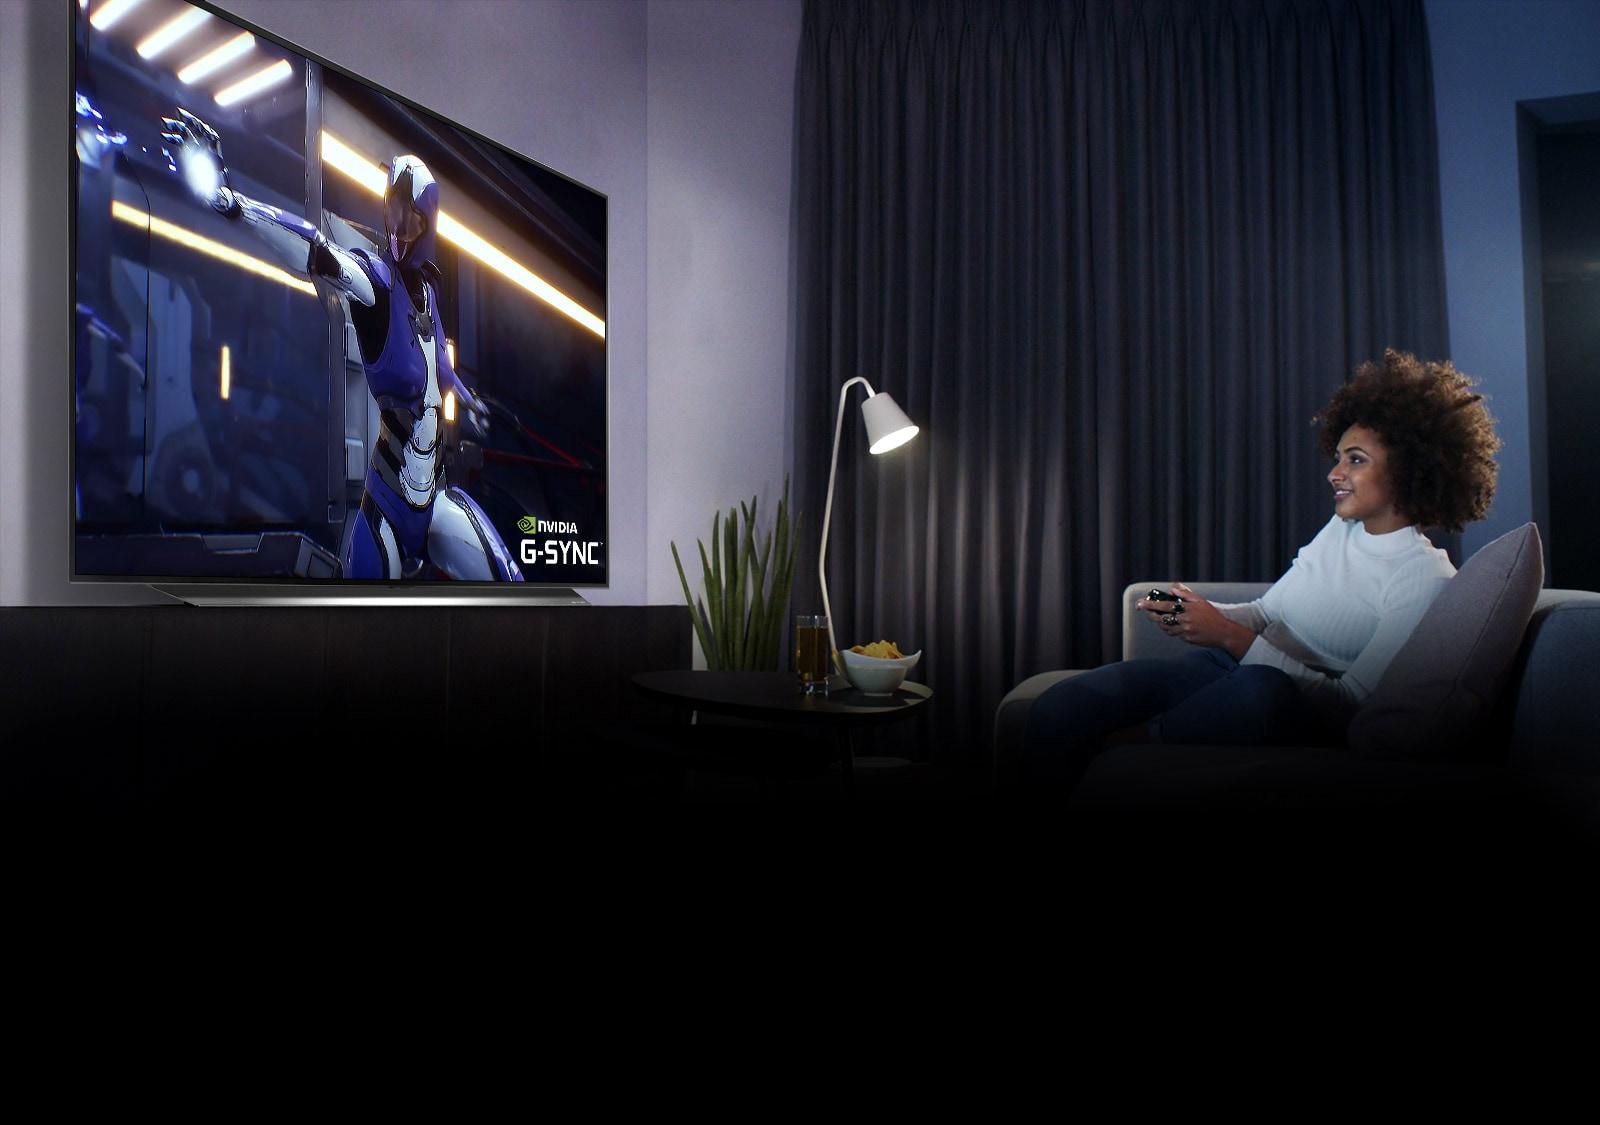 Žena sedí na pohovce, drží joystick při hraní her na televizní obrazovce